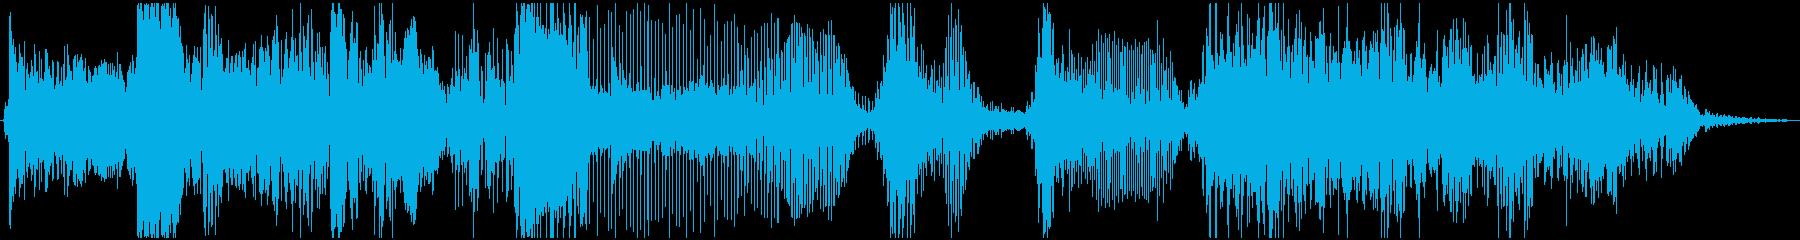 アニメーション、ウェブサイト、キッ...の再生済みの波形